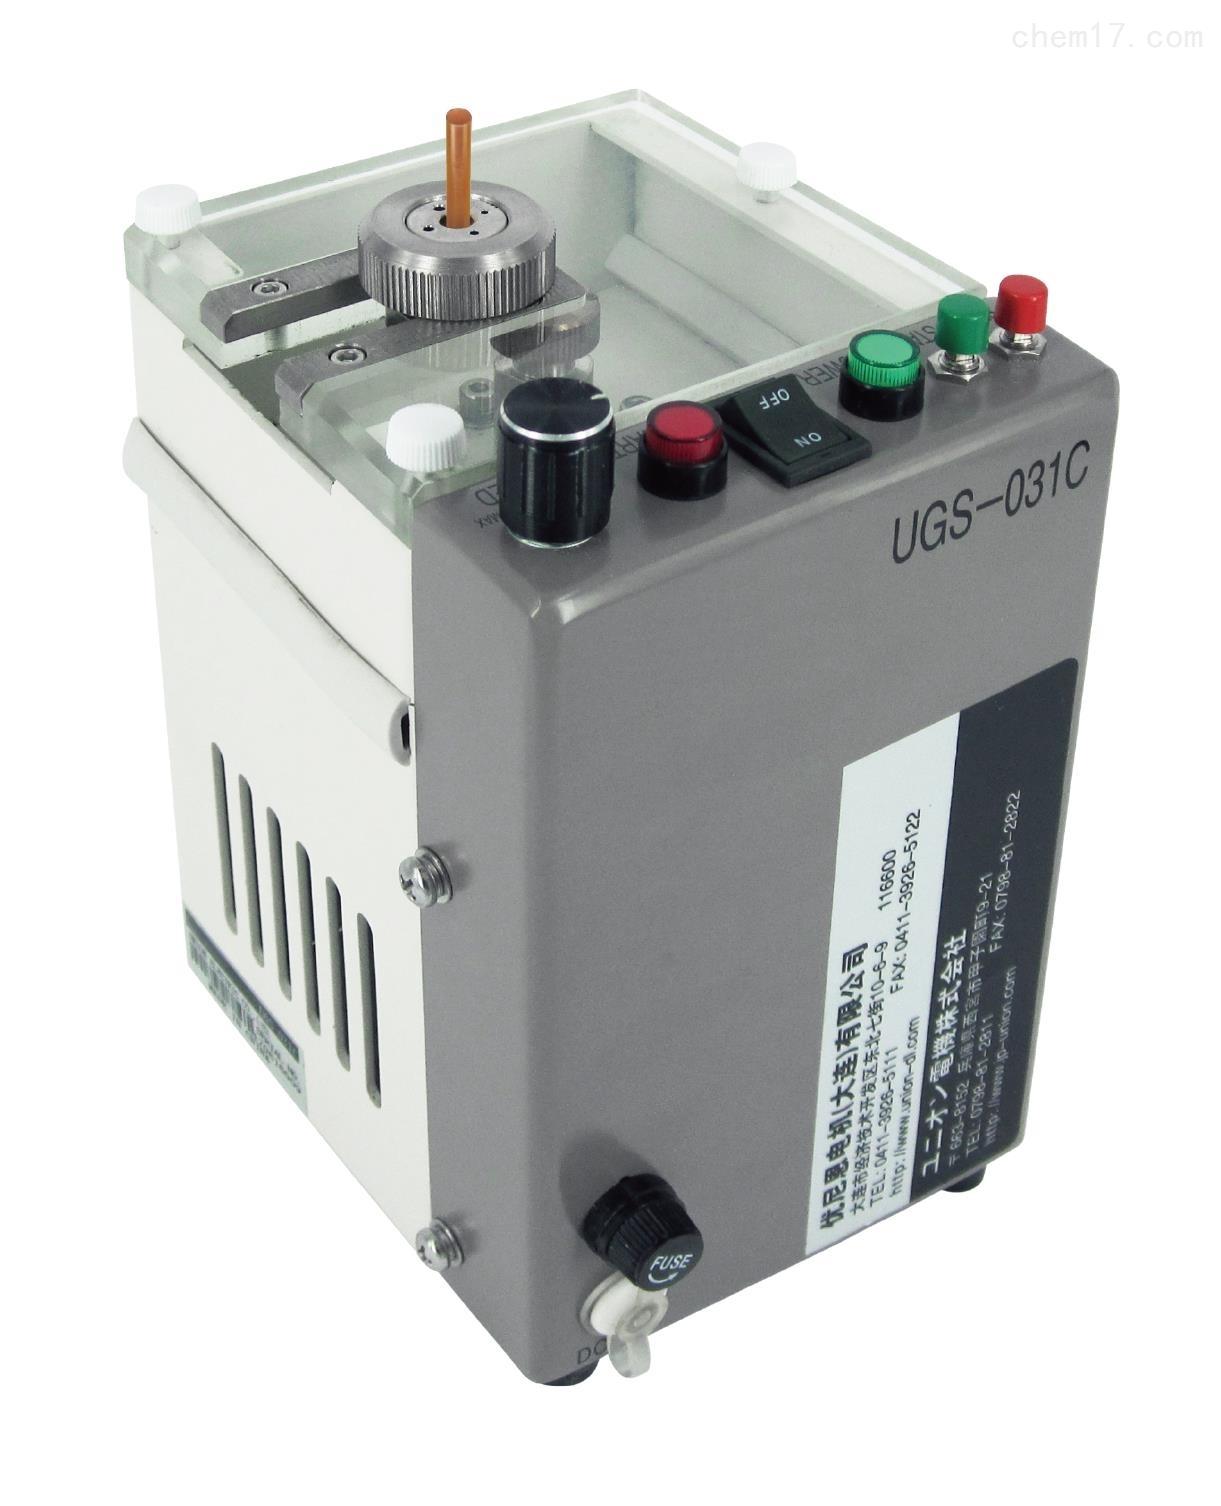 日本联合电气union电极抛光机UGS-031C